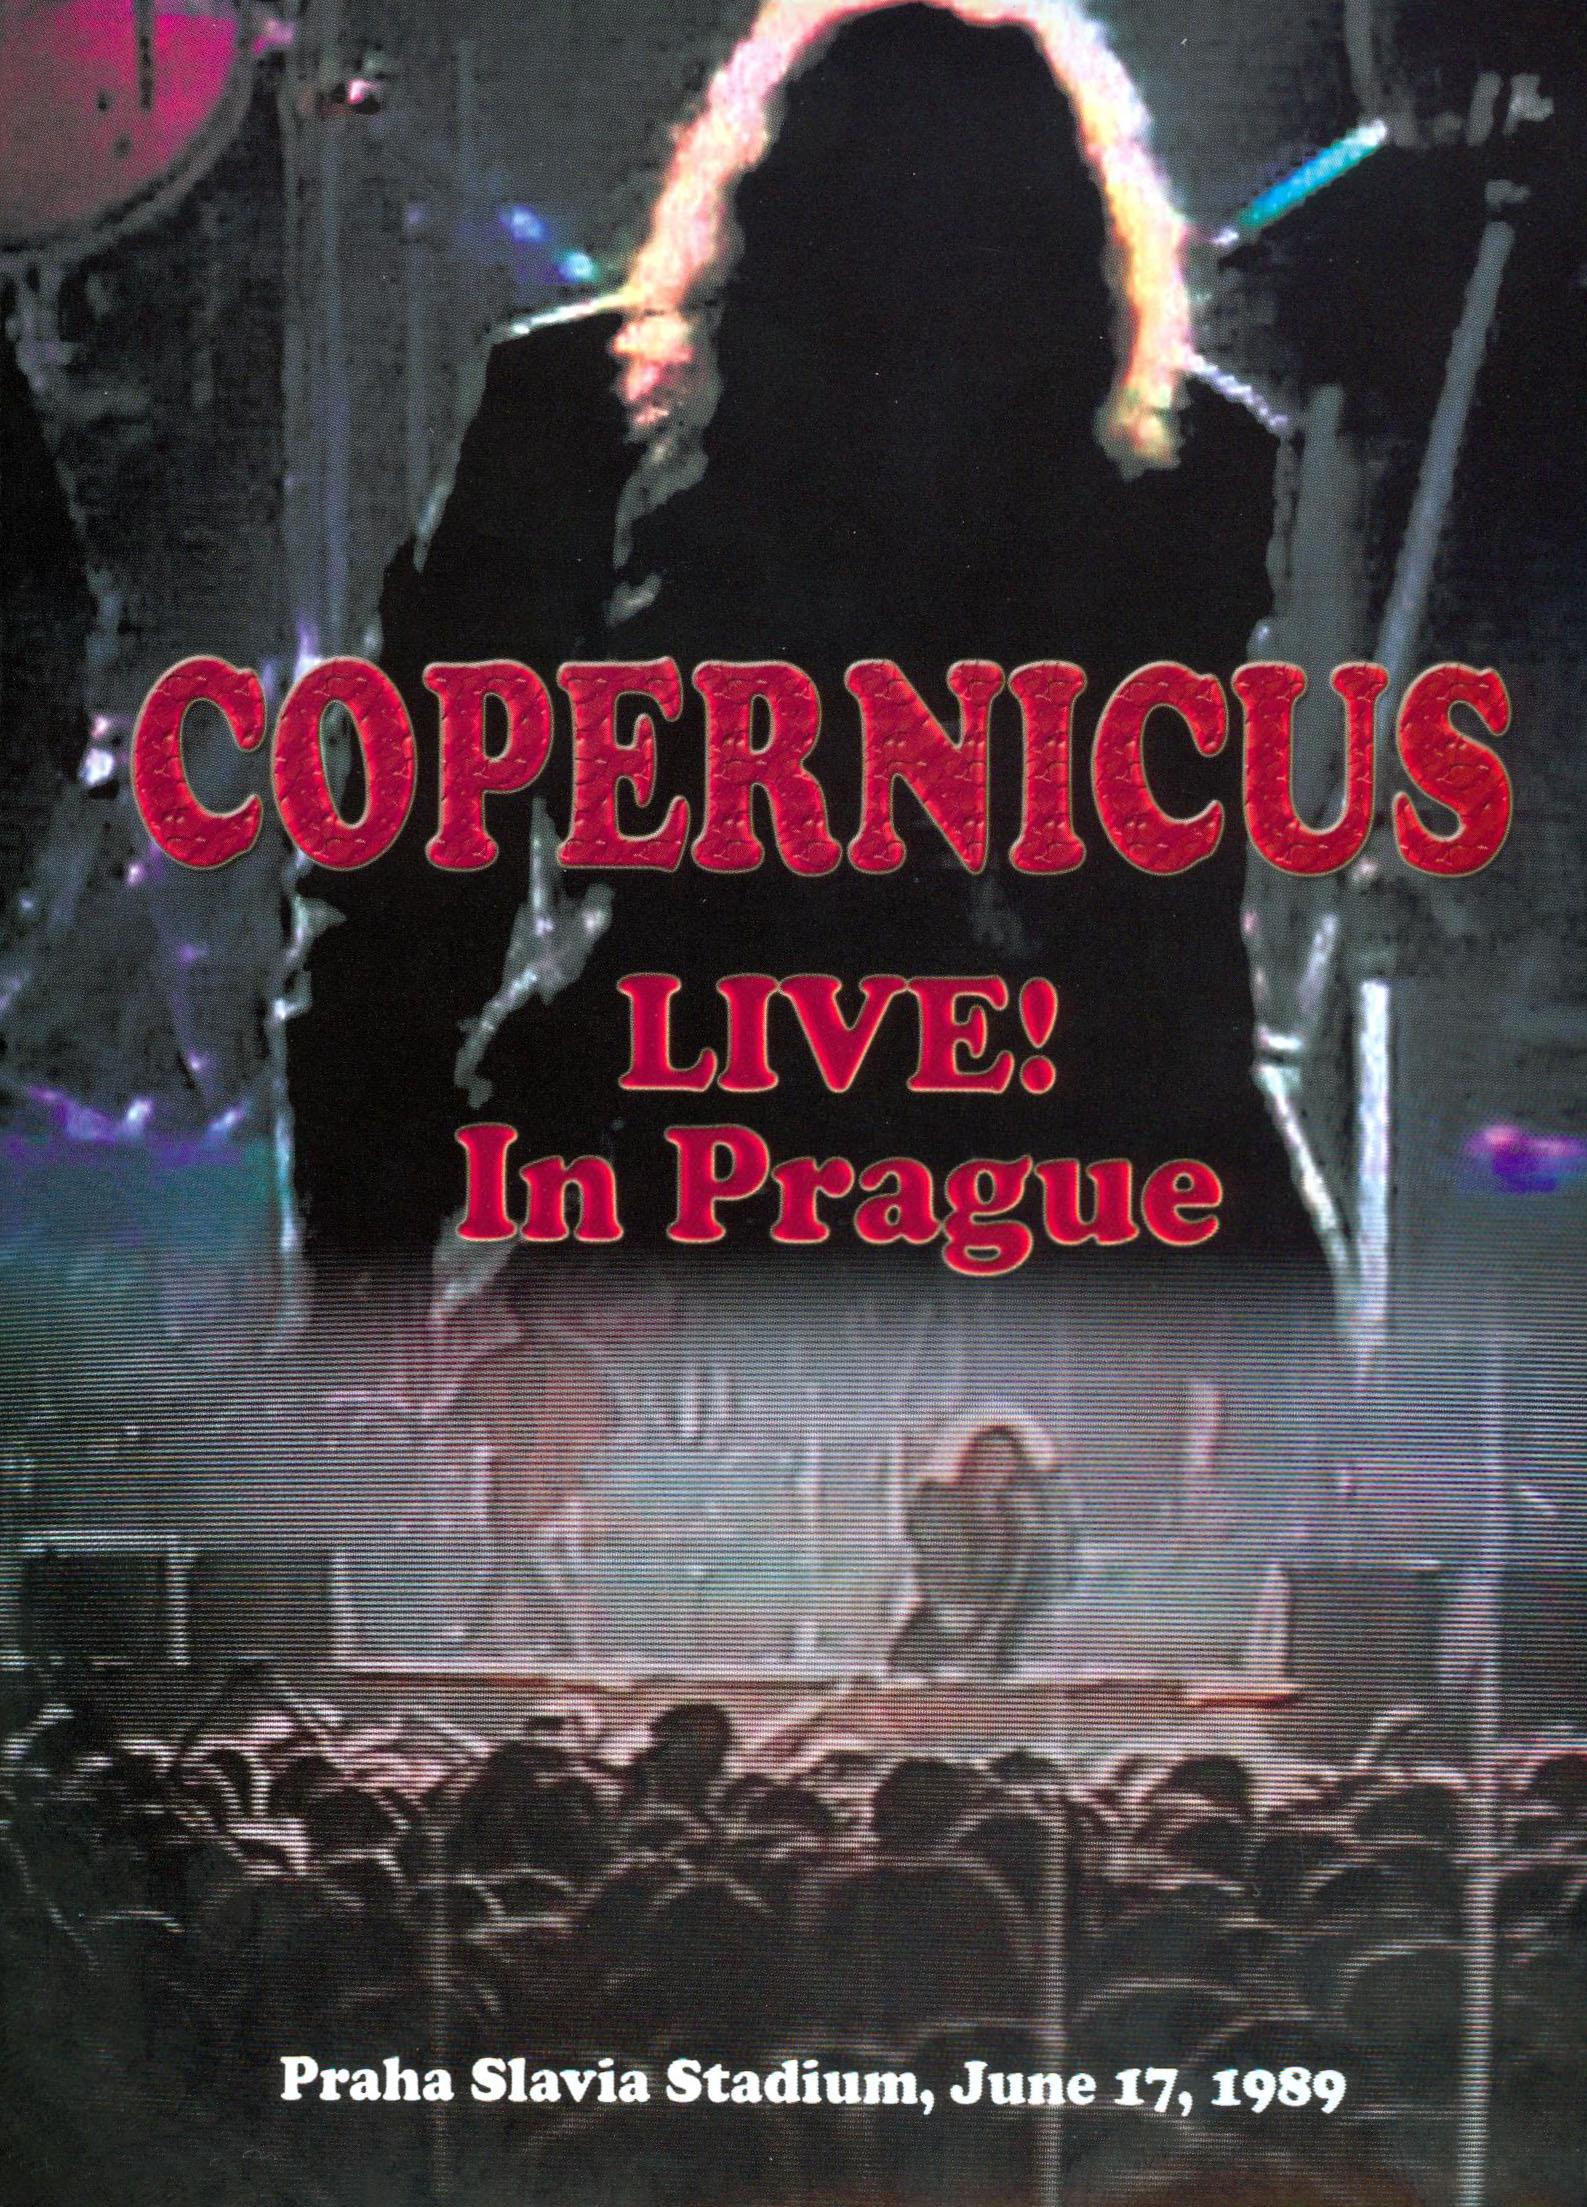 Copernicus: Live! In Prague